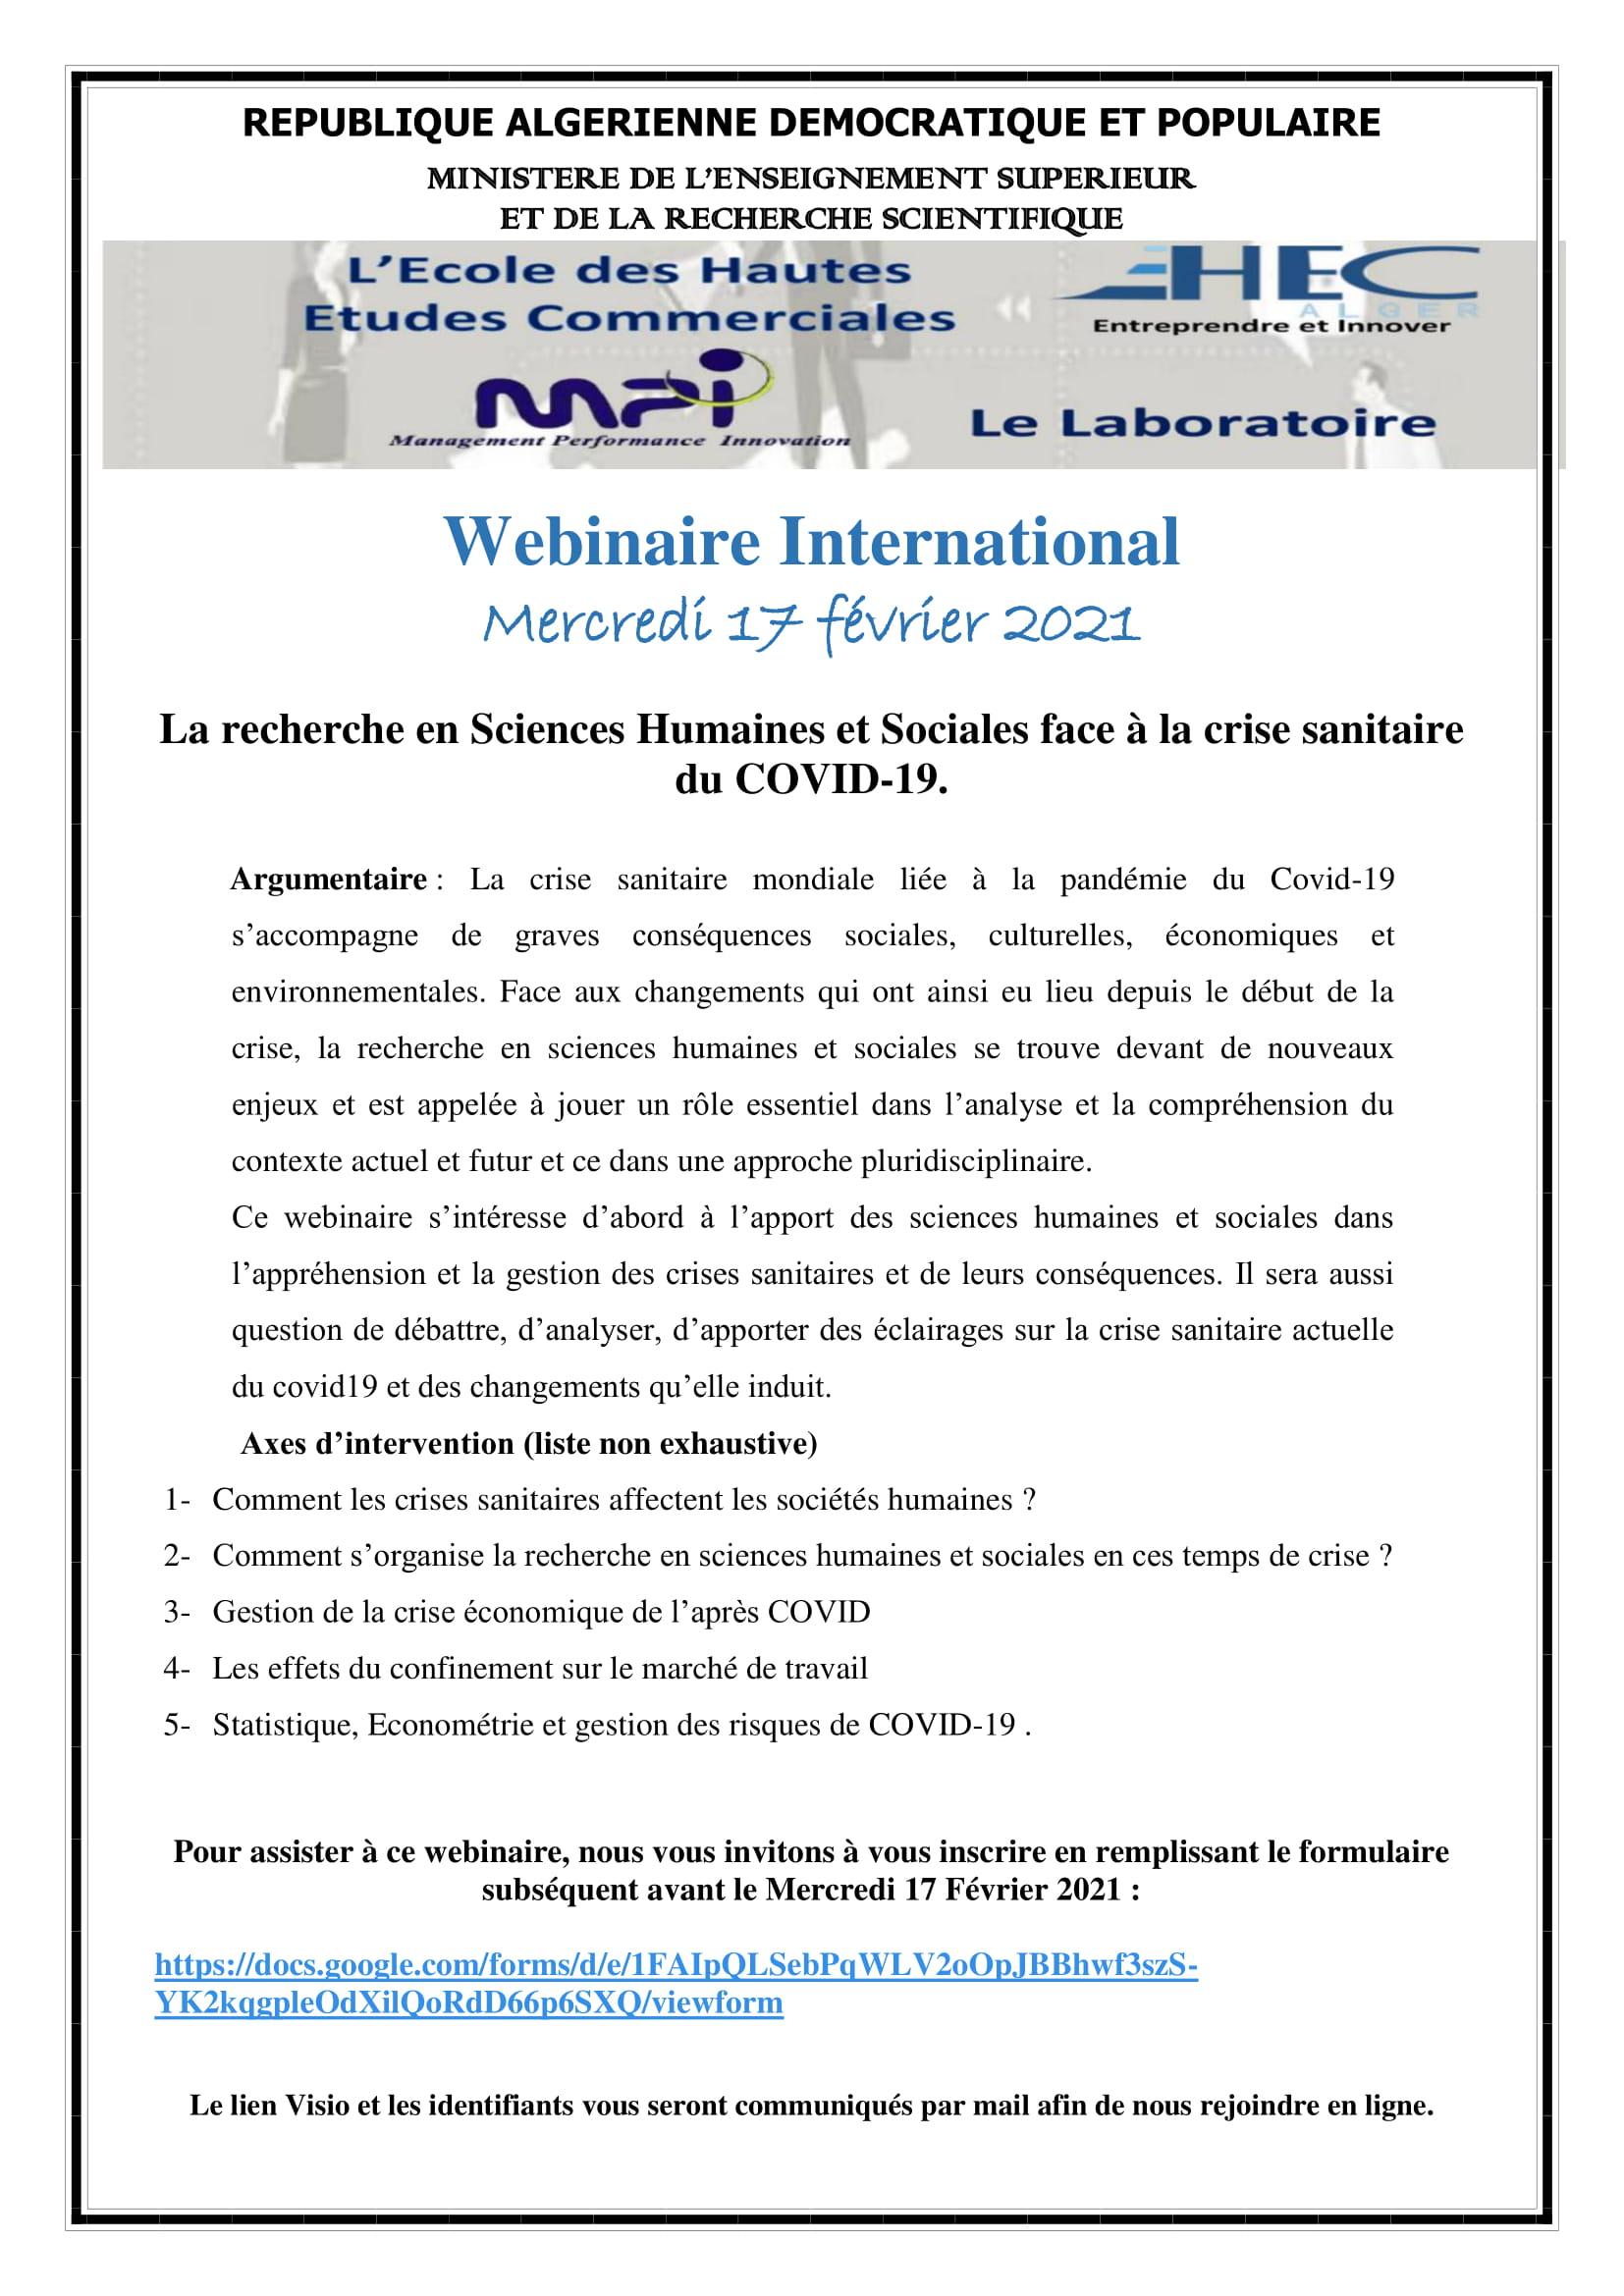 WEBINAIRE INTERNATIONAL La recherche en Sciences Humaines et Sociales face à la crise sanitaire du COVID-19.